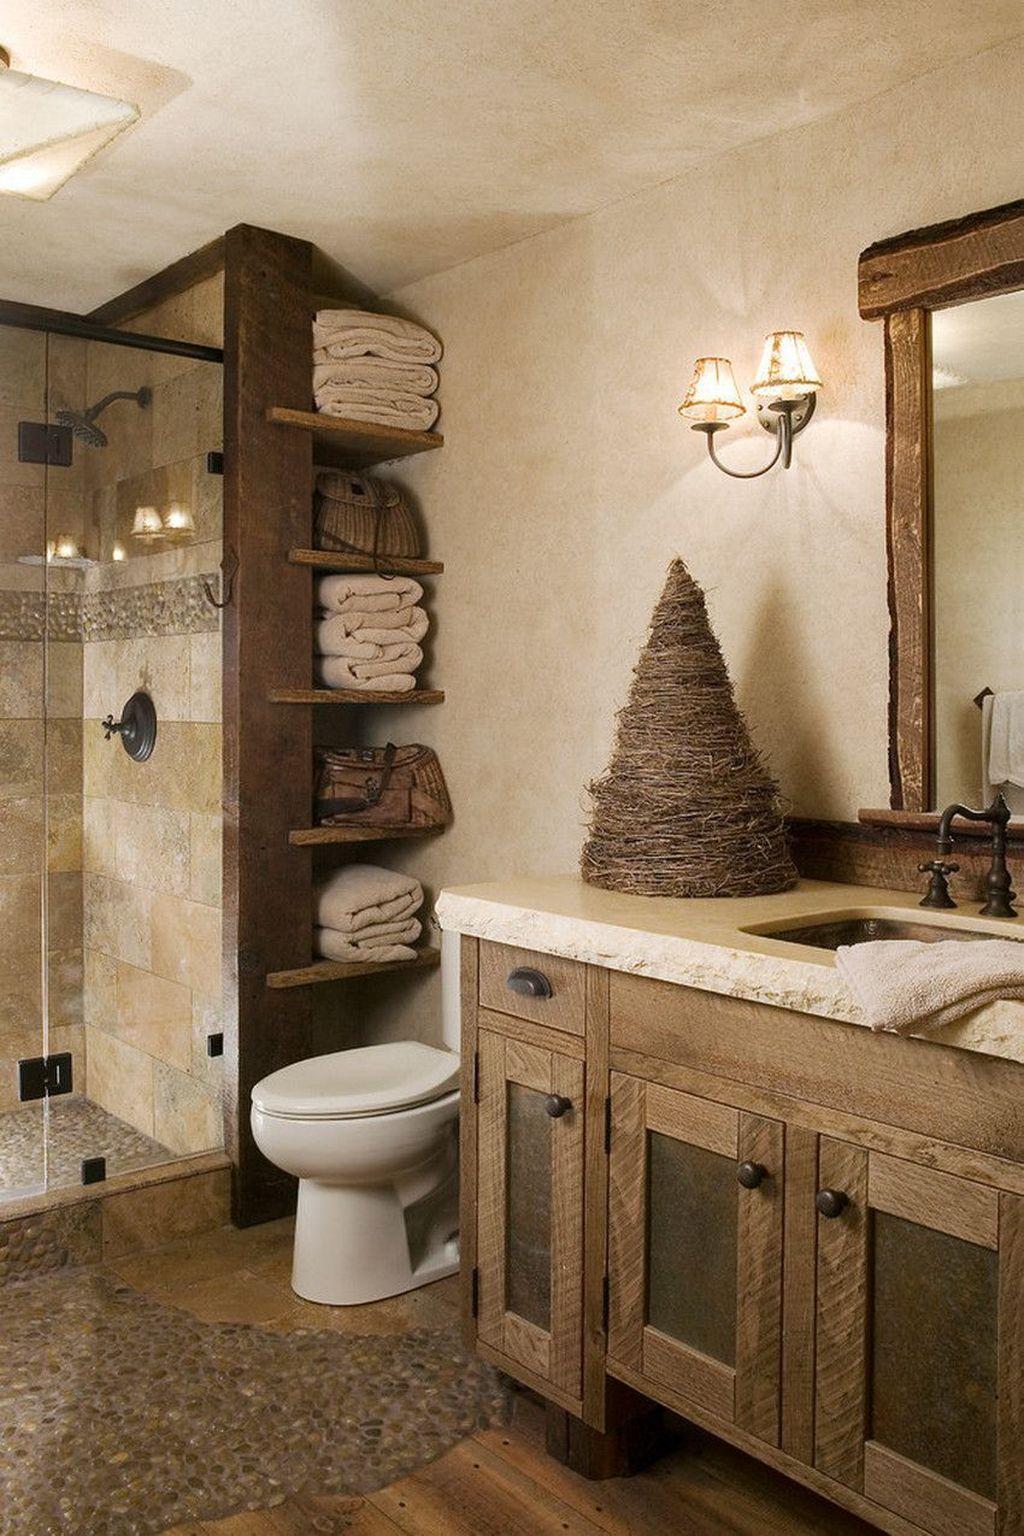 Amazing Rustic Barn Bathroom Decor Ideas 28